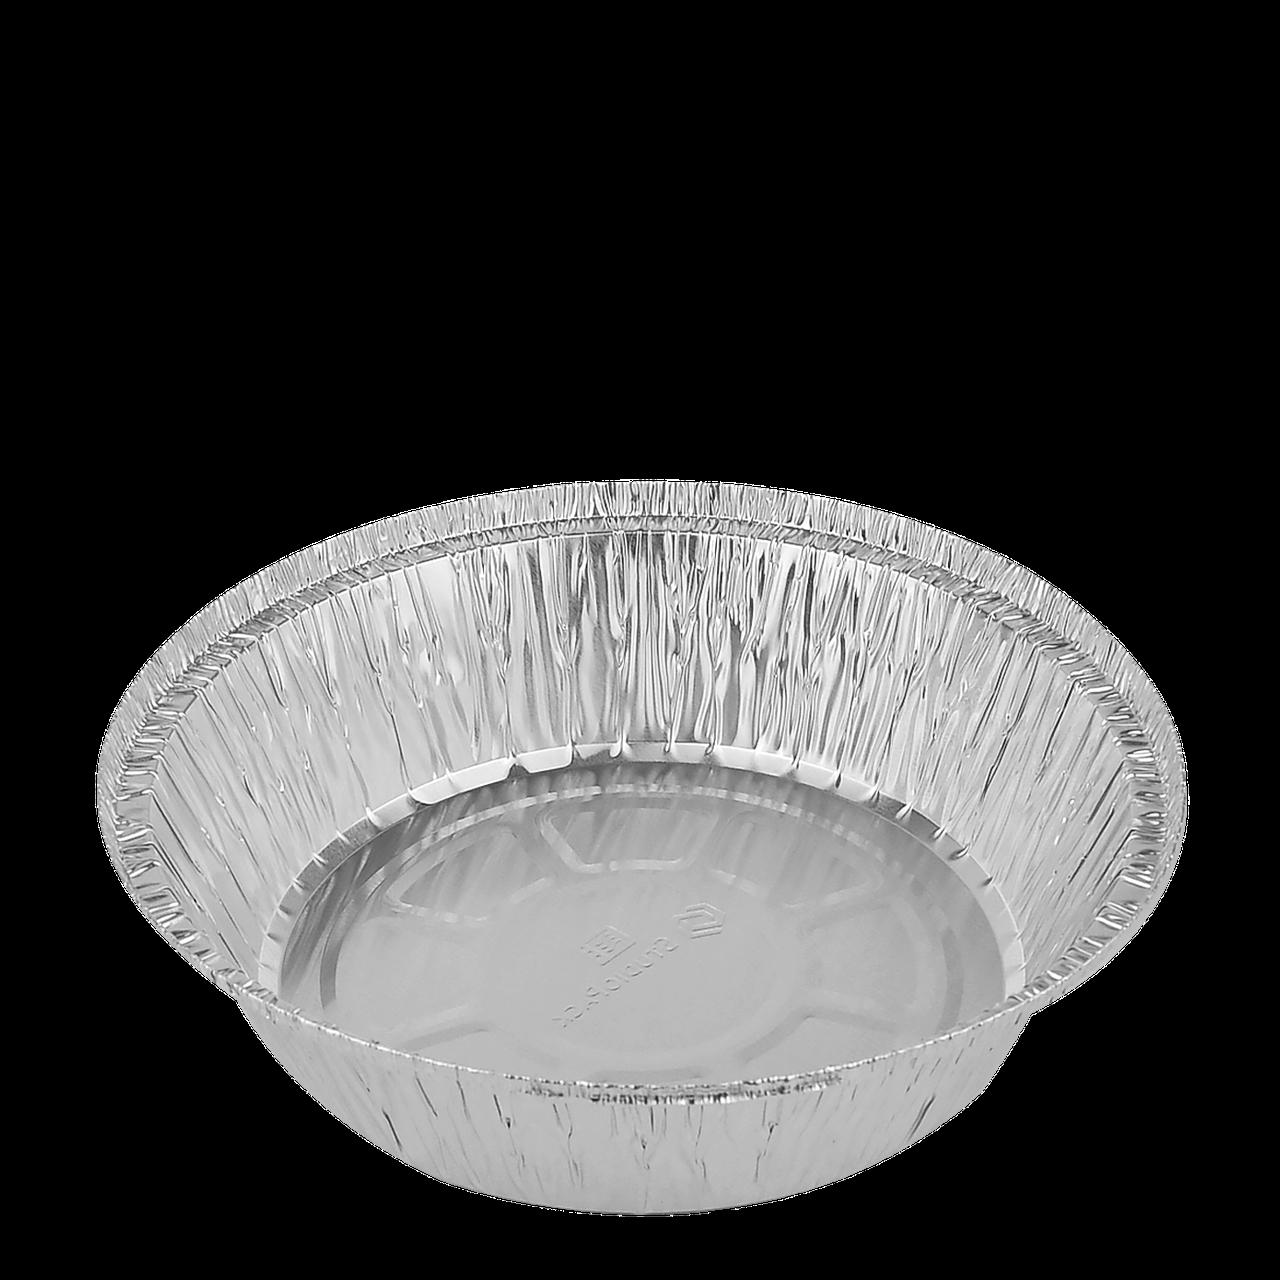 Контейнер круглый из алюминиевой фольги 800мл,178*43 (T51L),уп/100шт